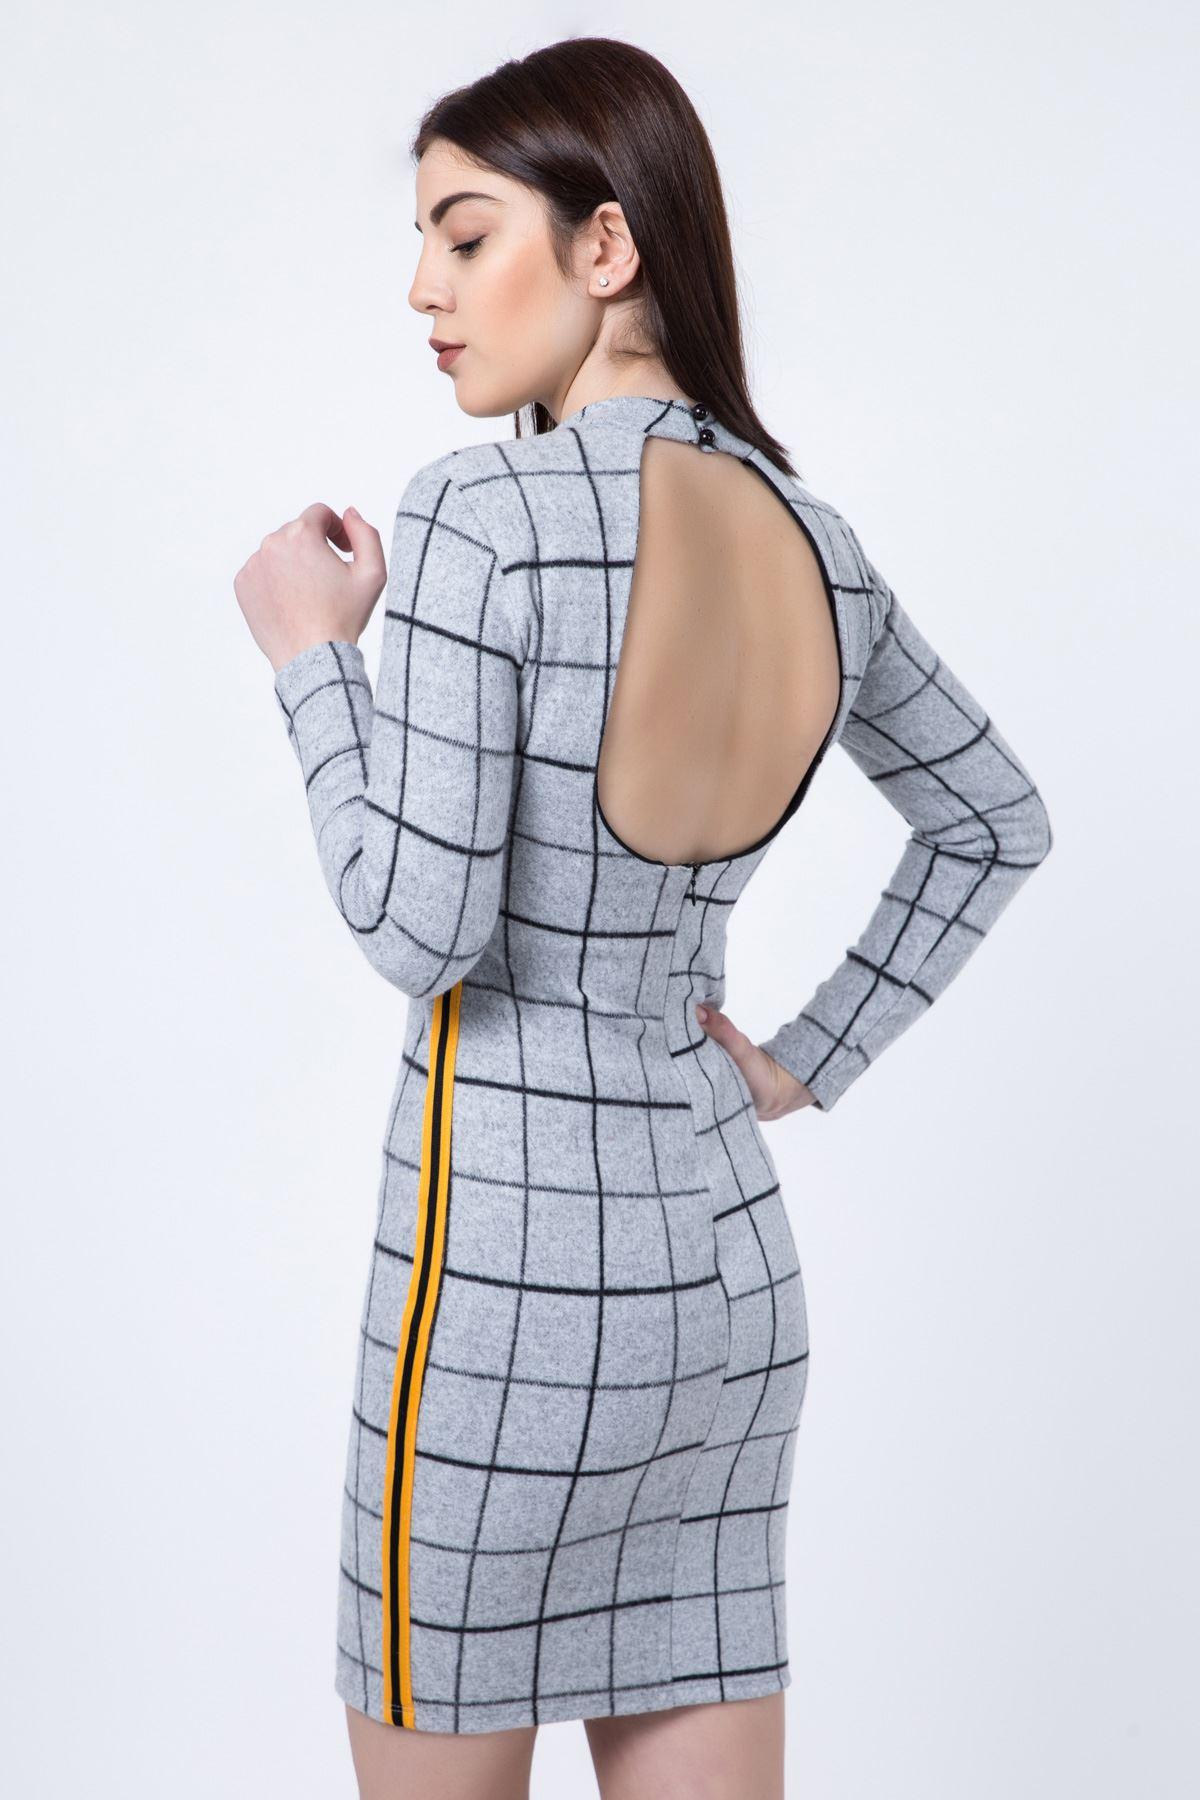 فستان نسائي موديل كارييه للمناسبات